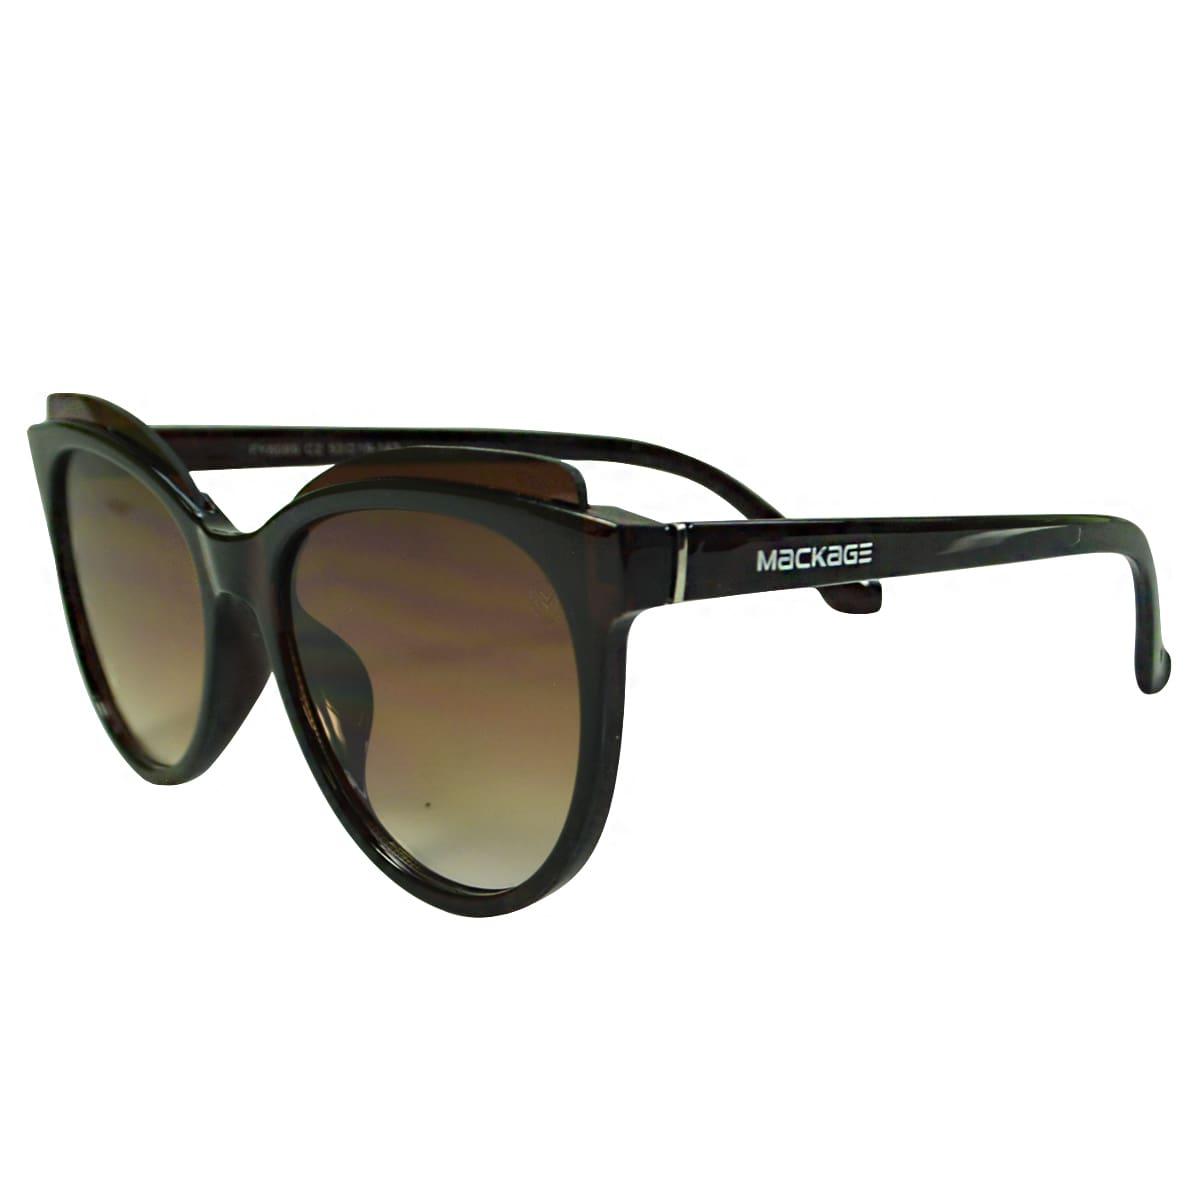 Óculos De Sol Mackage MK8089C2 Marrom